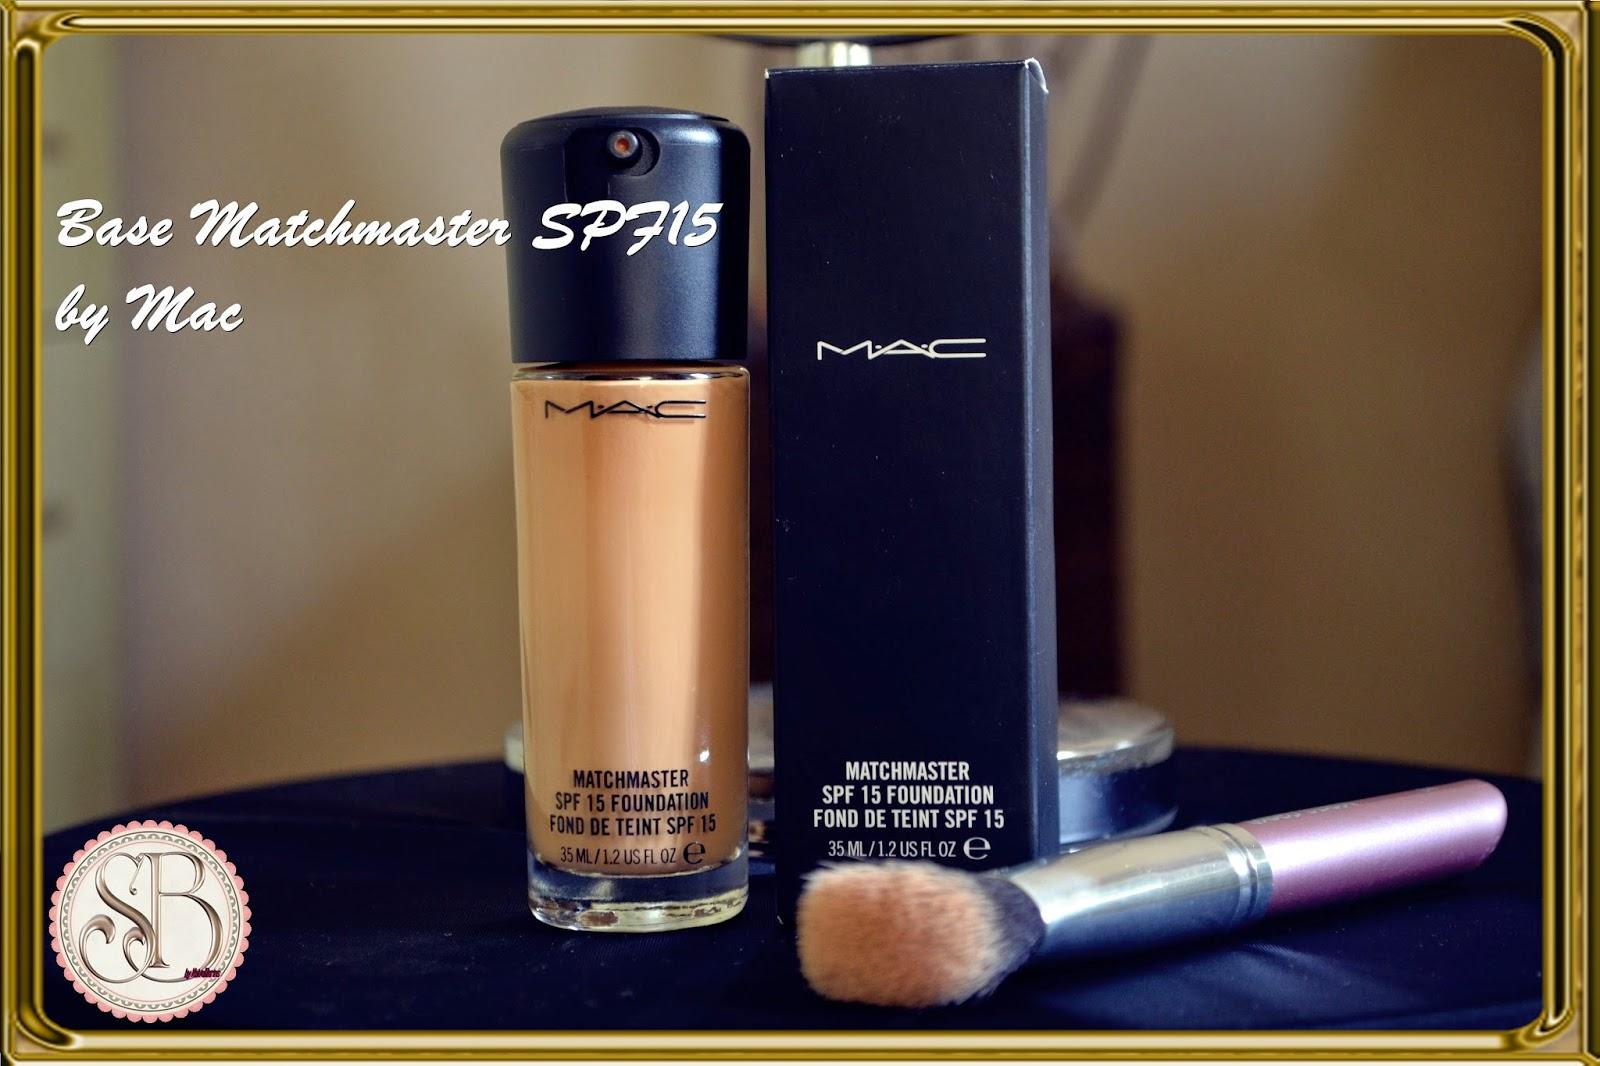 Somando Beleza Base líquida Matchmaster spf15 Mac